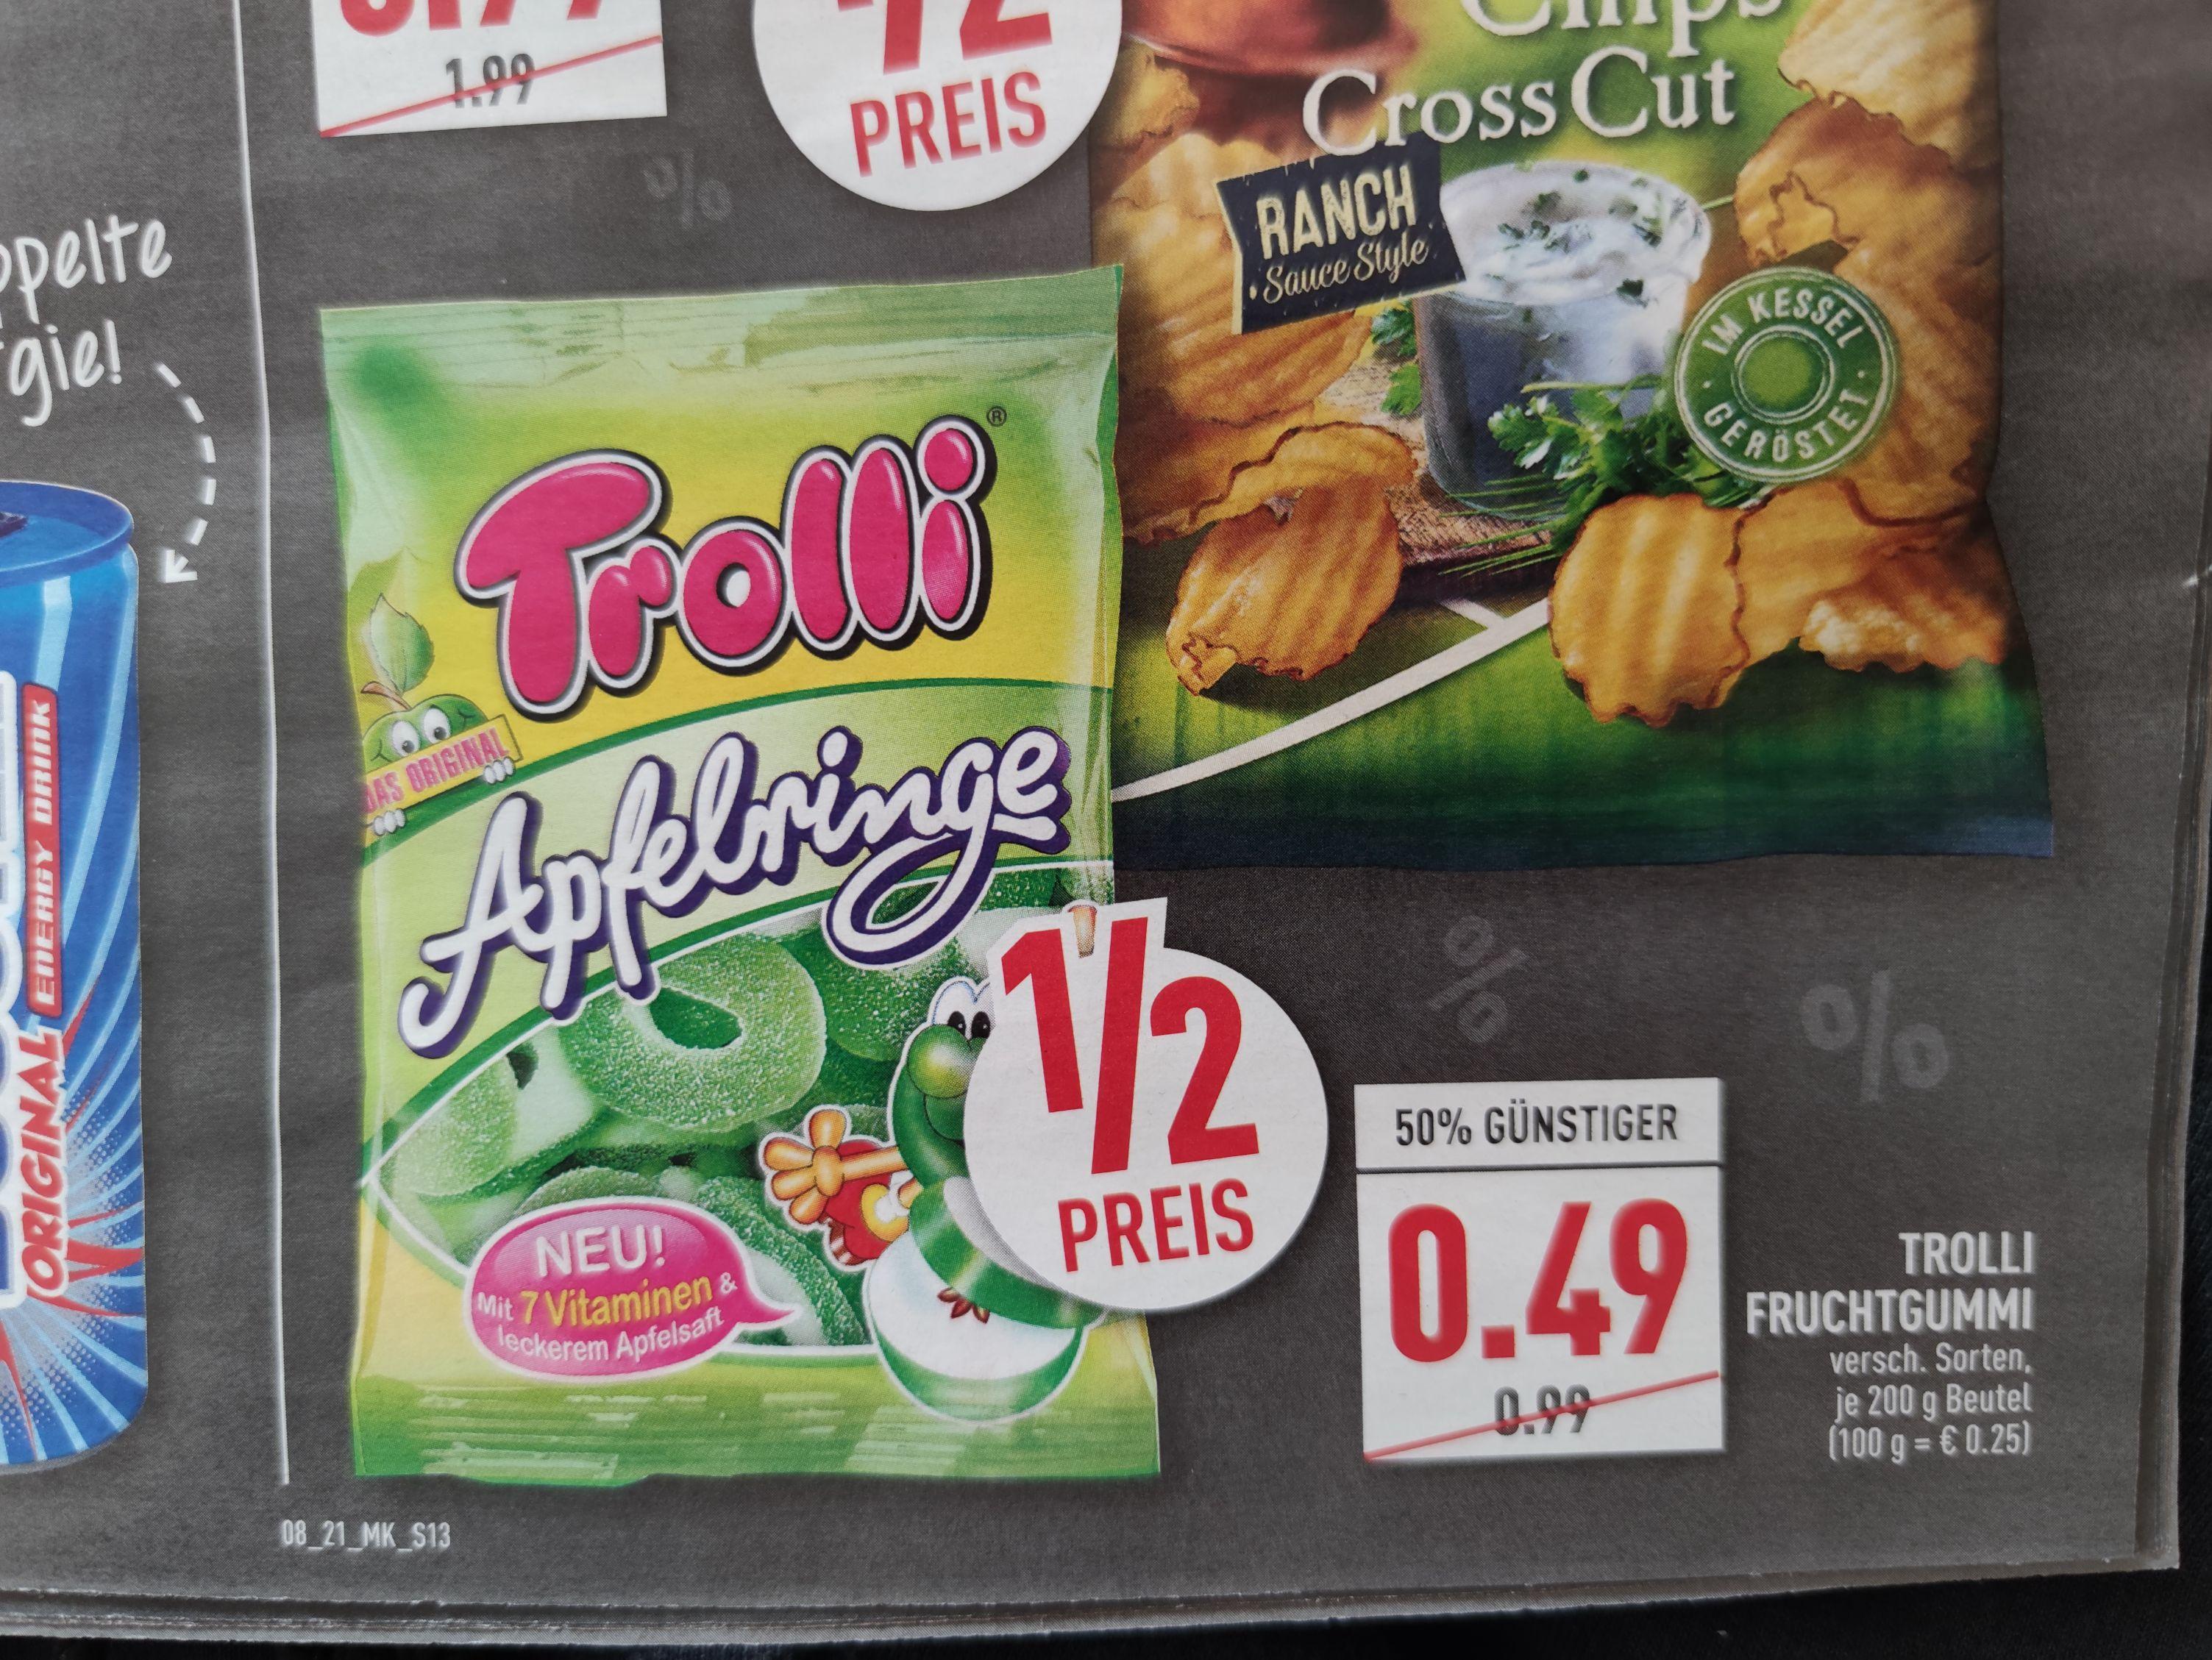 Trolli Fruchtgummi verschiedene Sorten bei Marktkauf